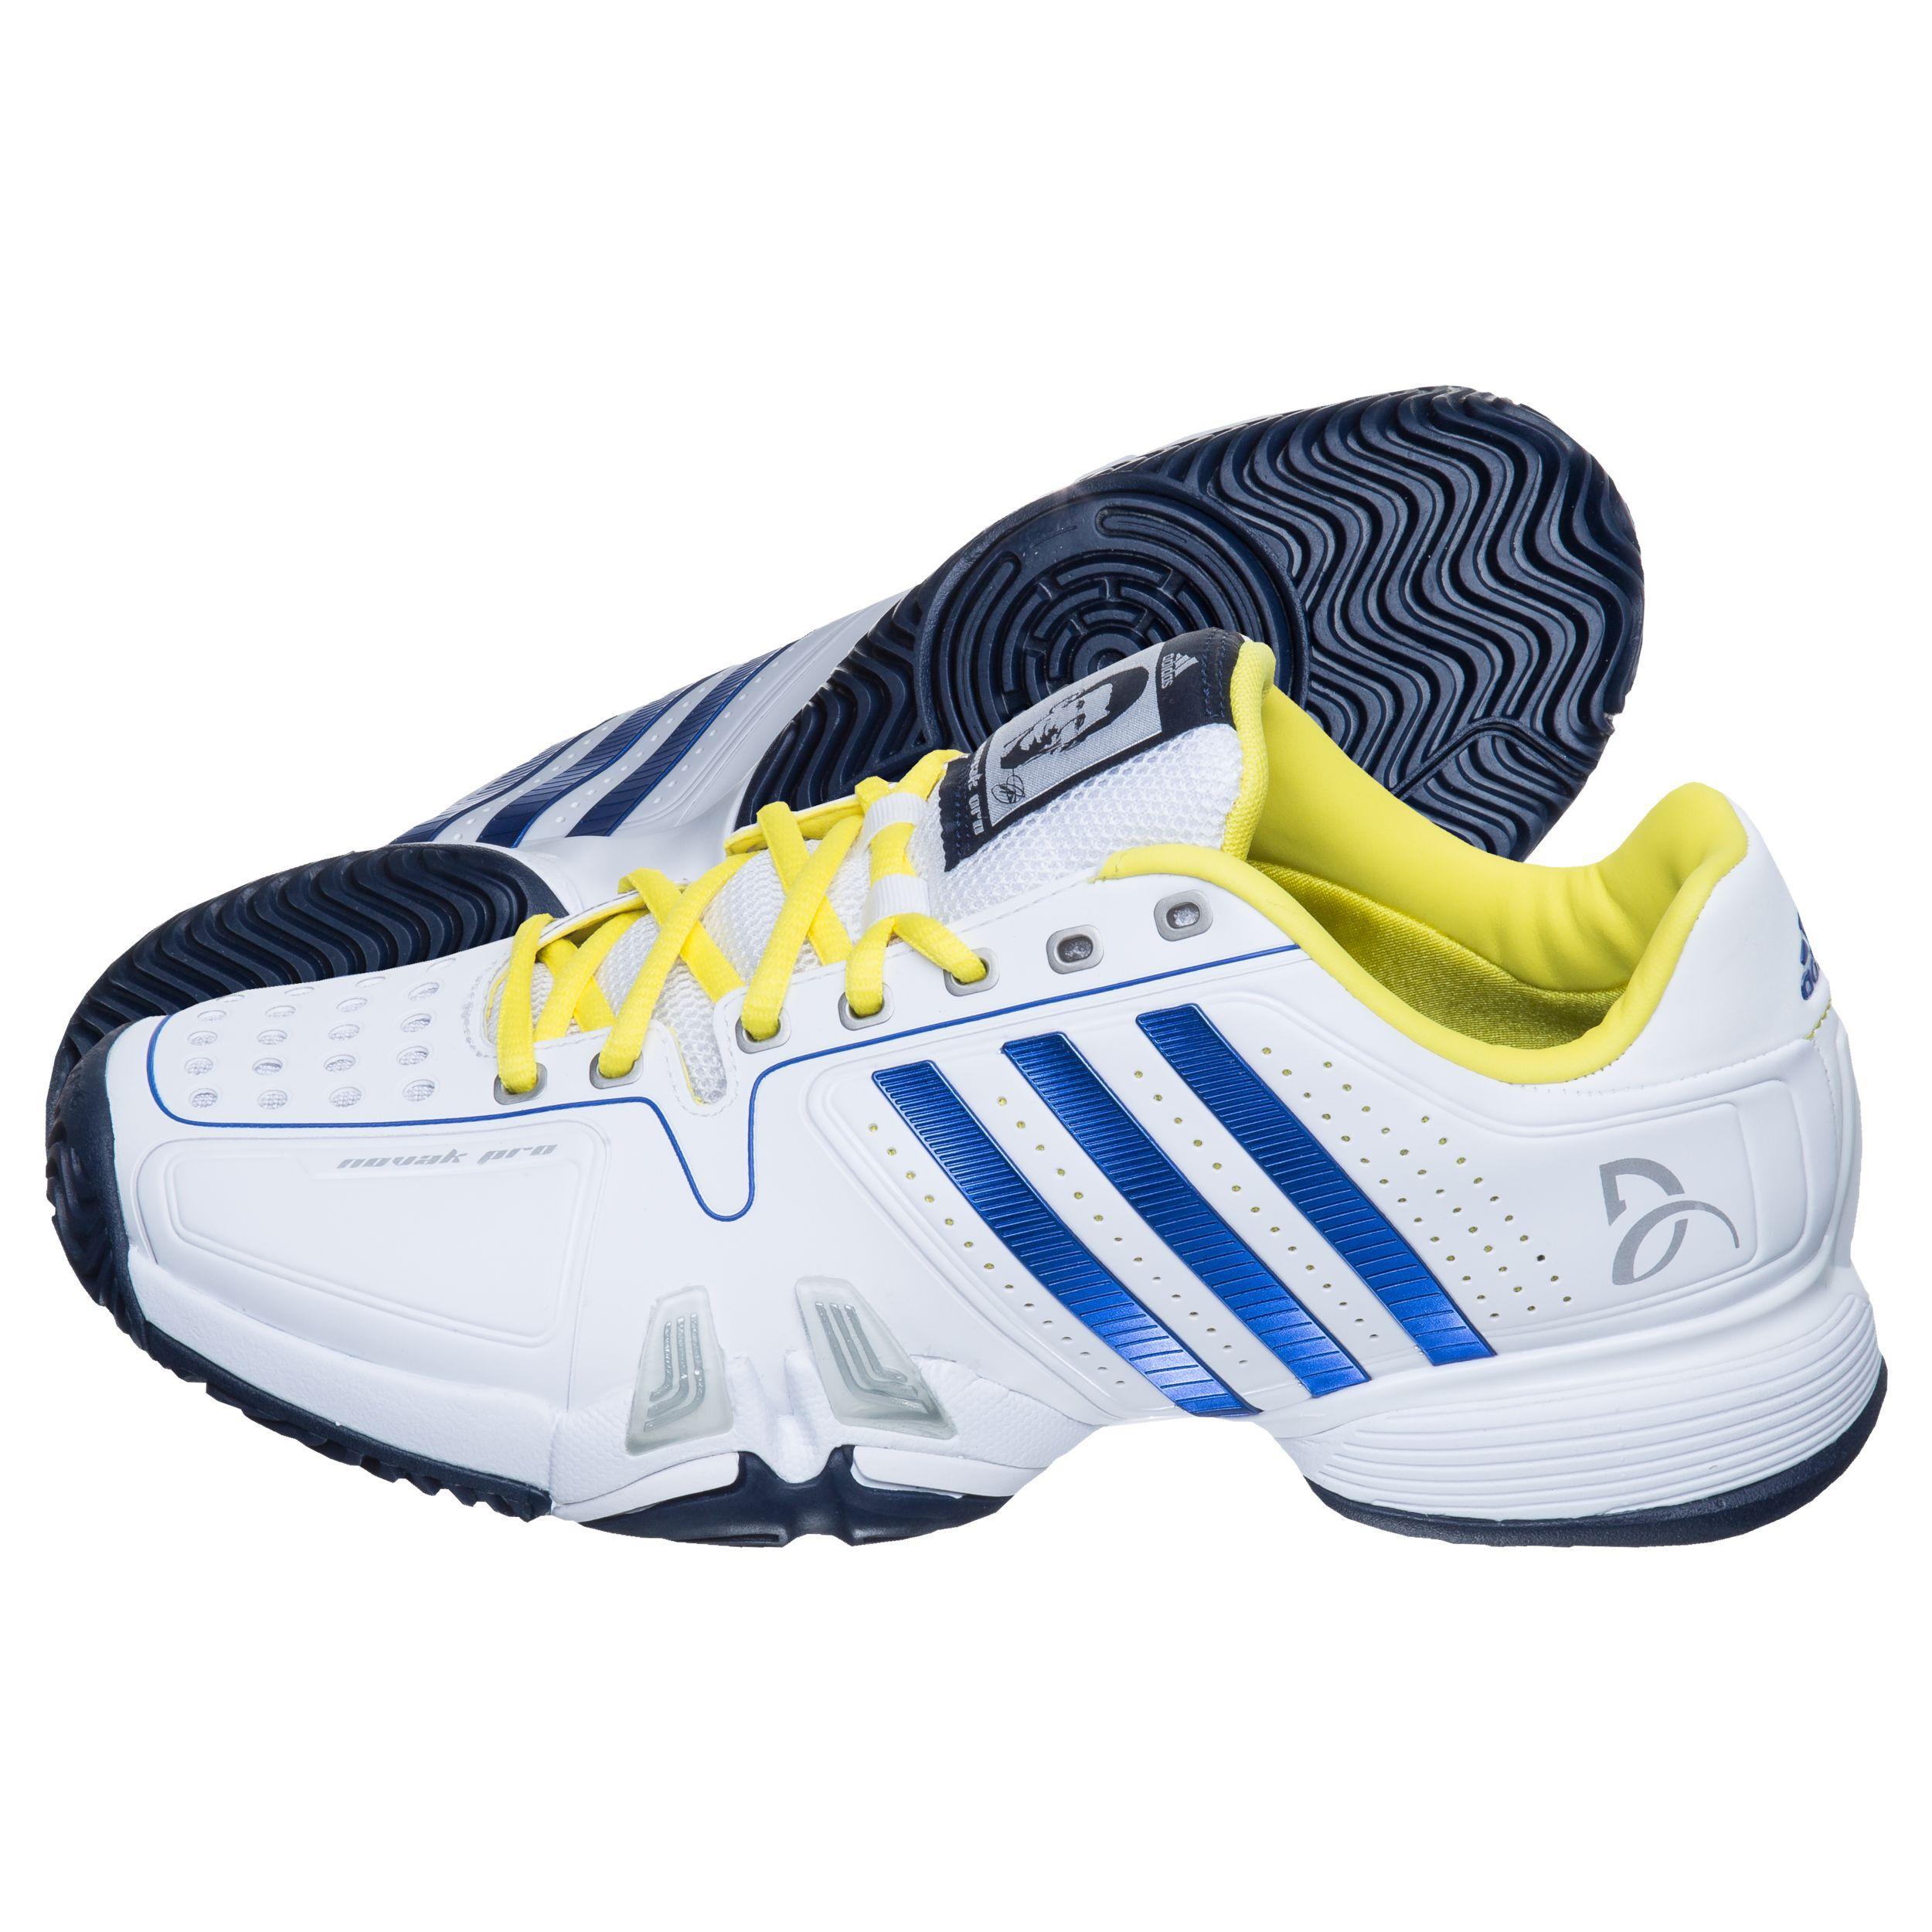 adidas Novak Djokovic Pro Chaussures Toutes Surfaces Hommes